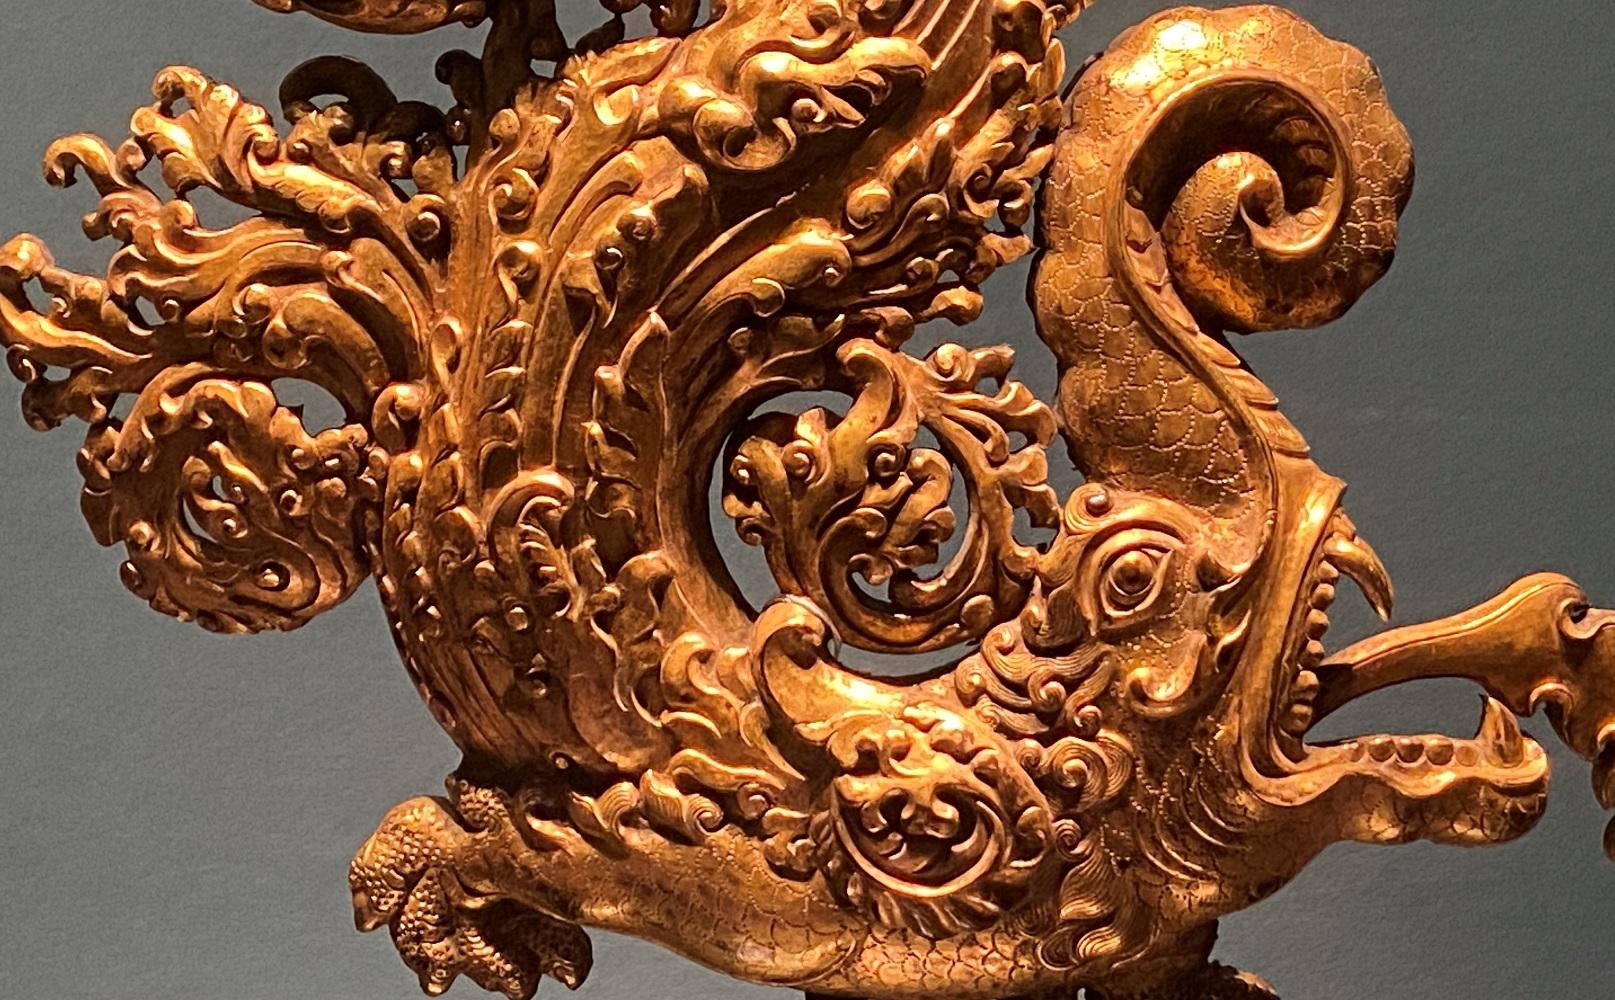 銅鎏金摩羯飾件-特別展【七宝玲瓏-ヒマラヤからの芸術珍品】-金沙遺跡博物館-成都